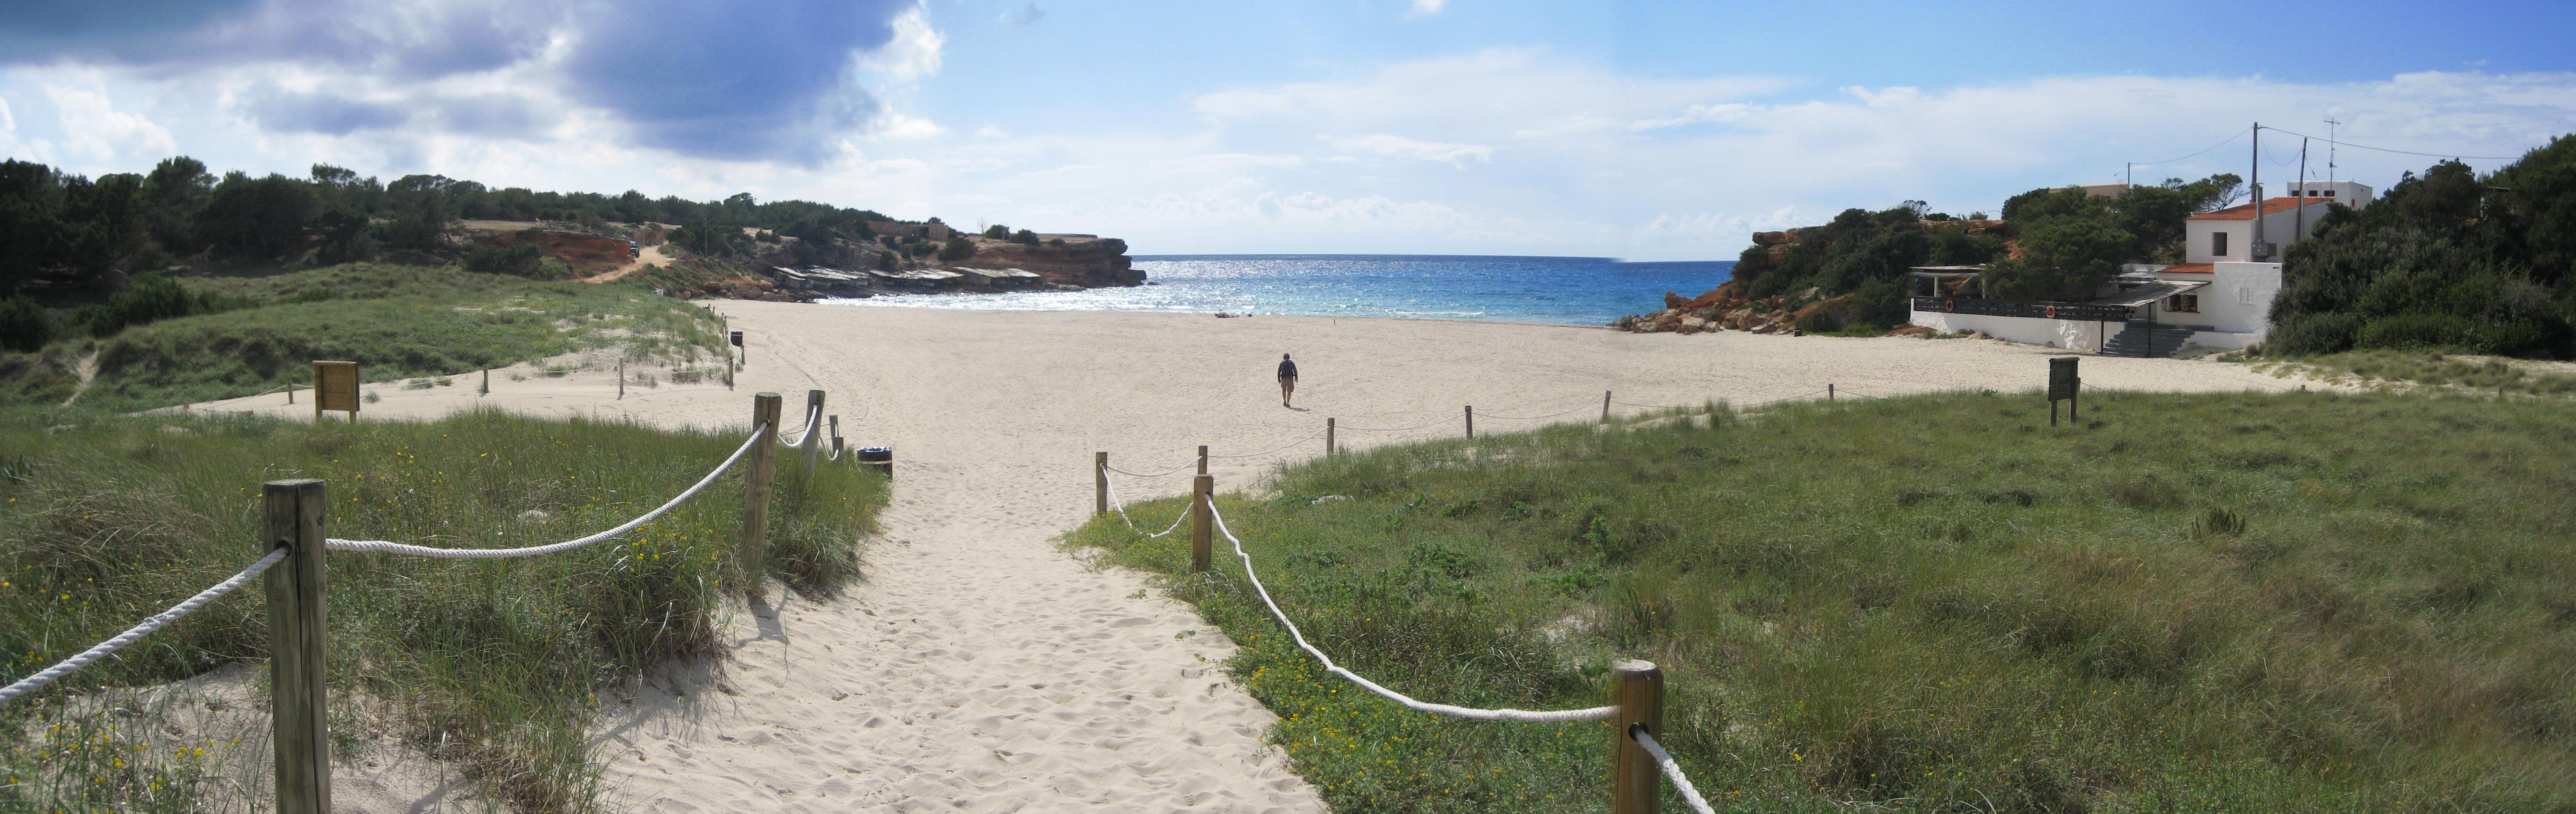 Foto playa Cala Saona. Cala Sahona panorama